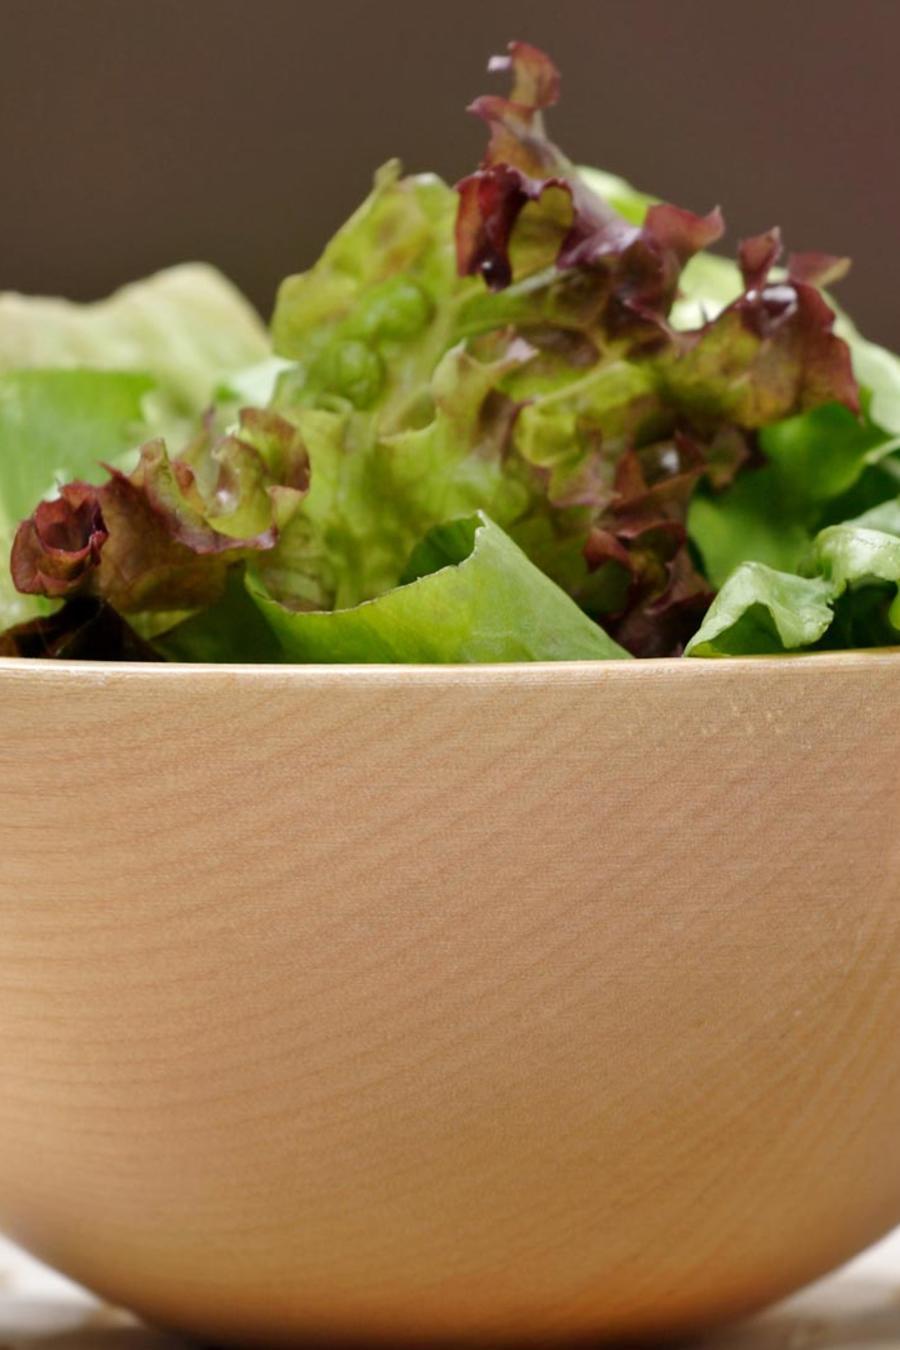 Ensalada de vegetales verdes